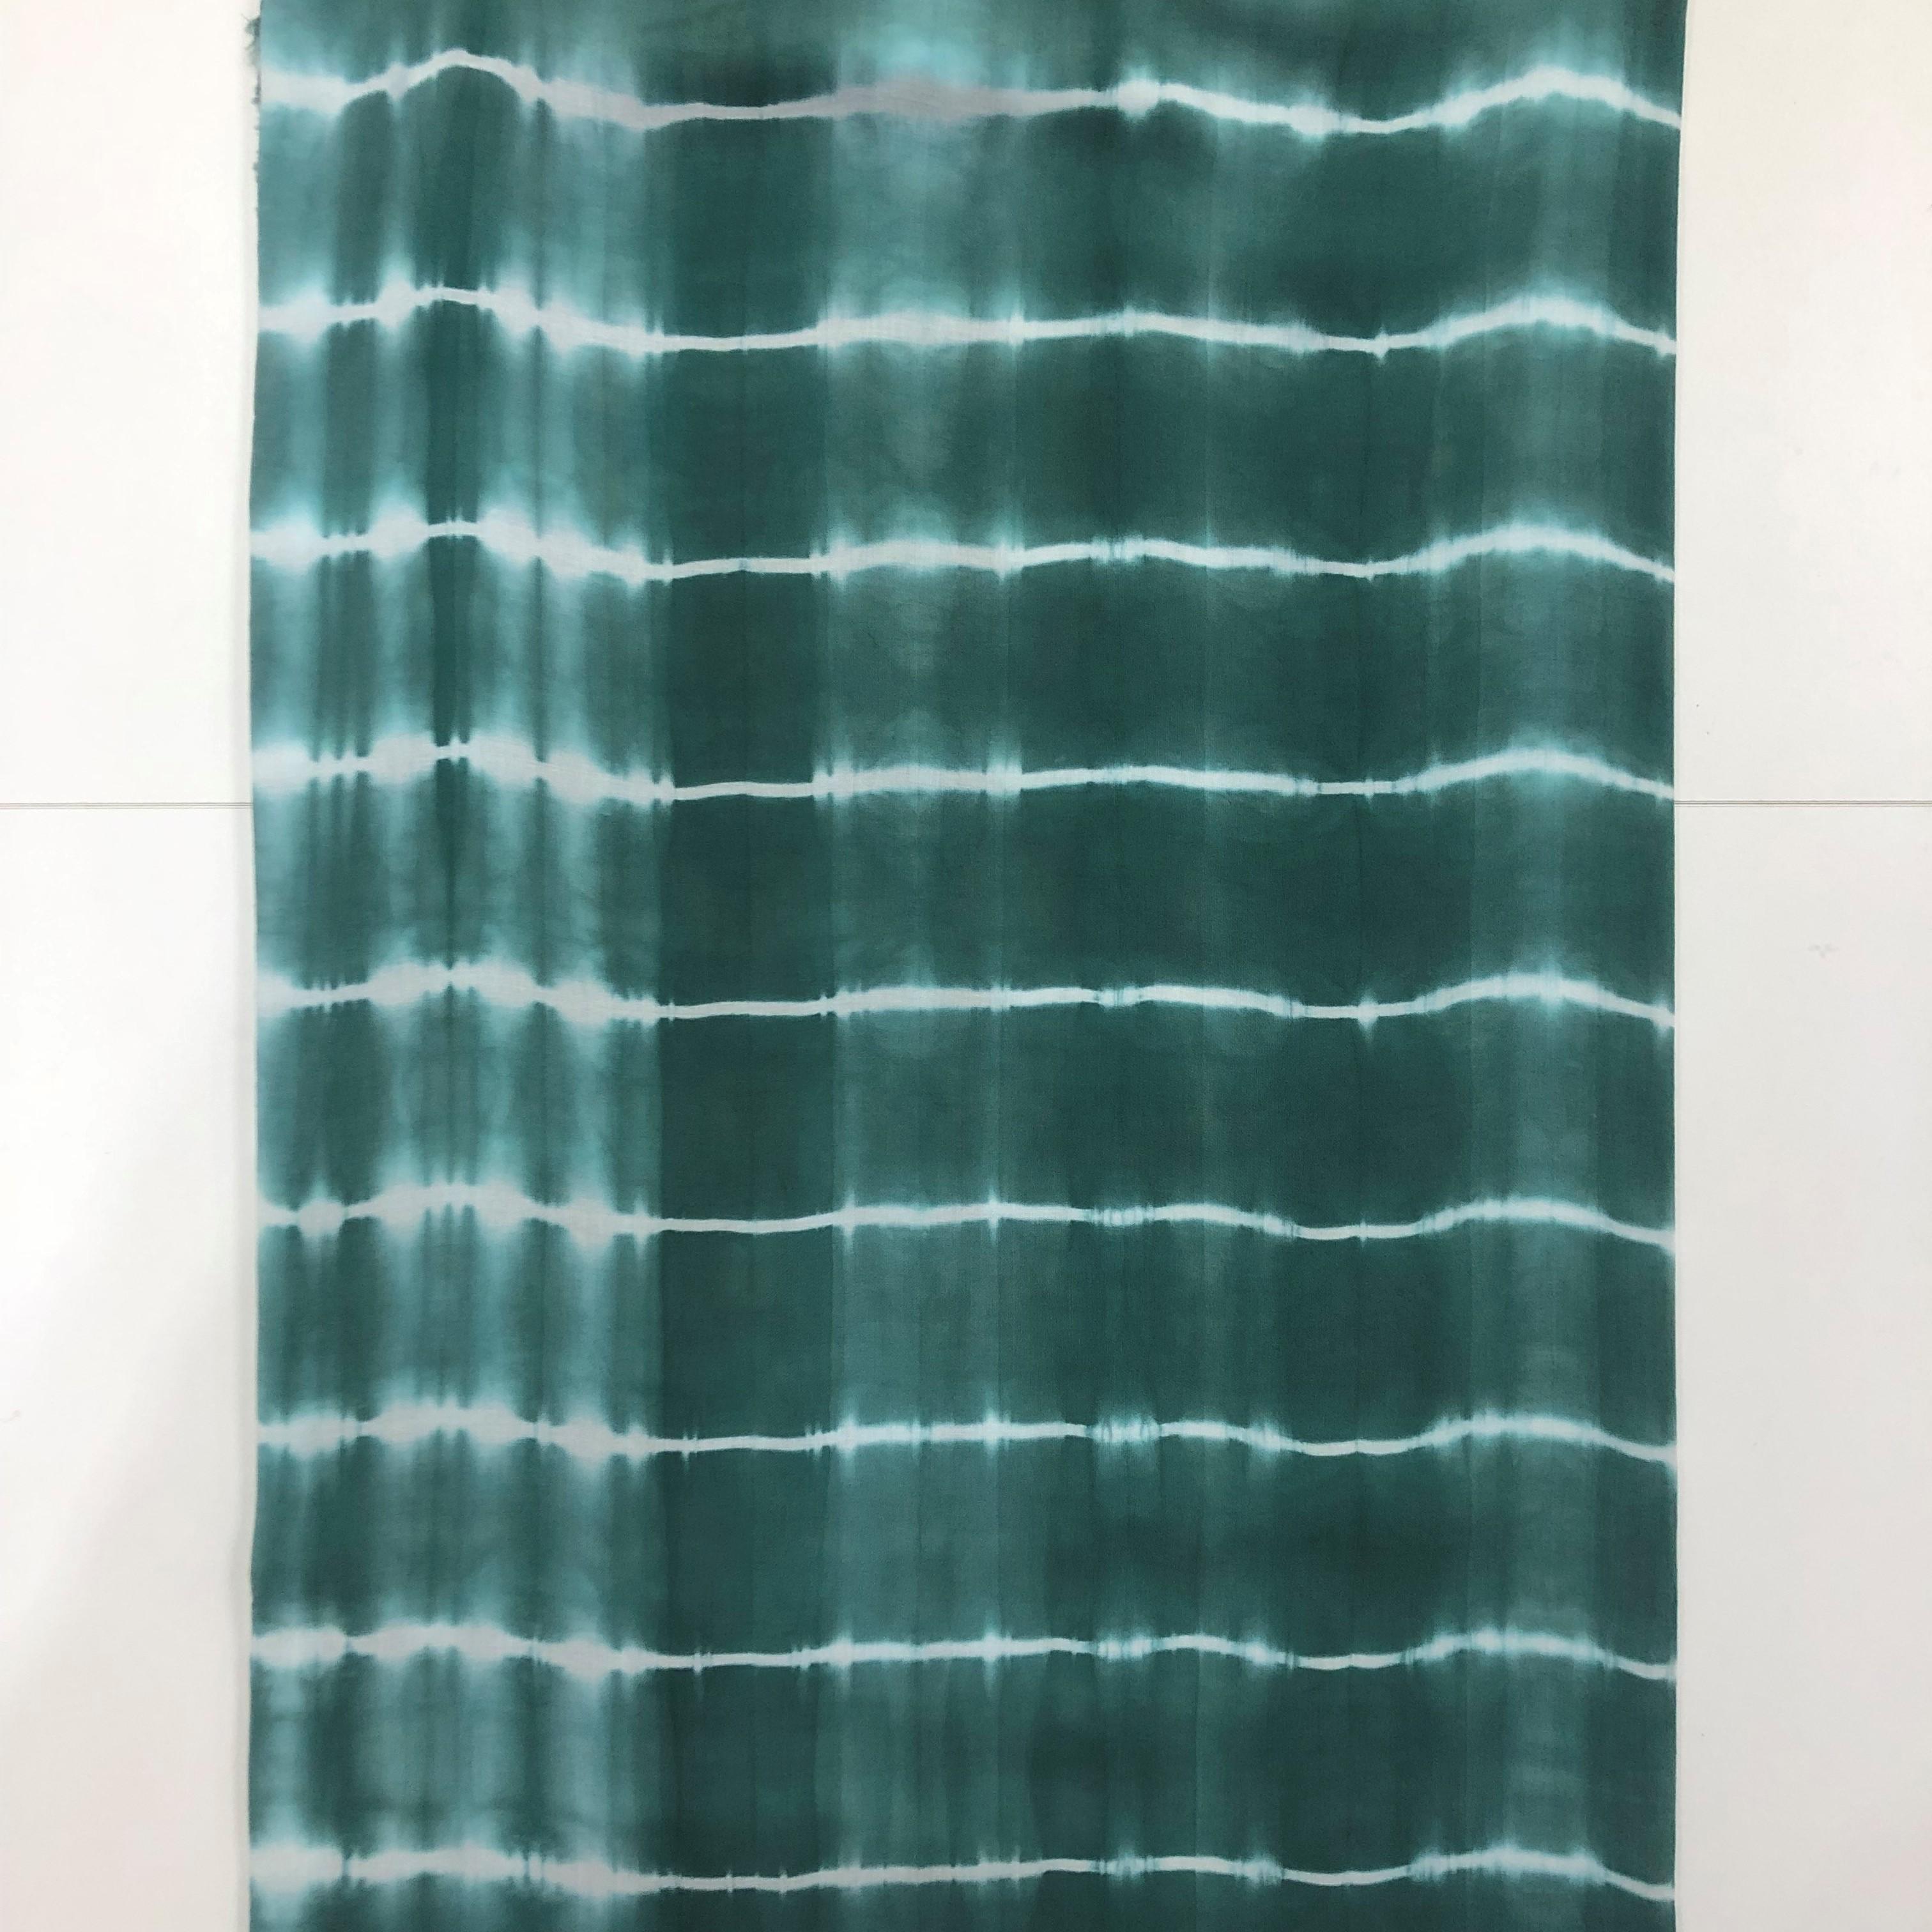 Район 60*60/90*88 tie dye ткань